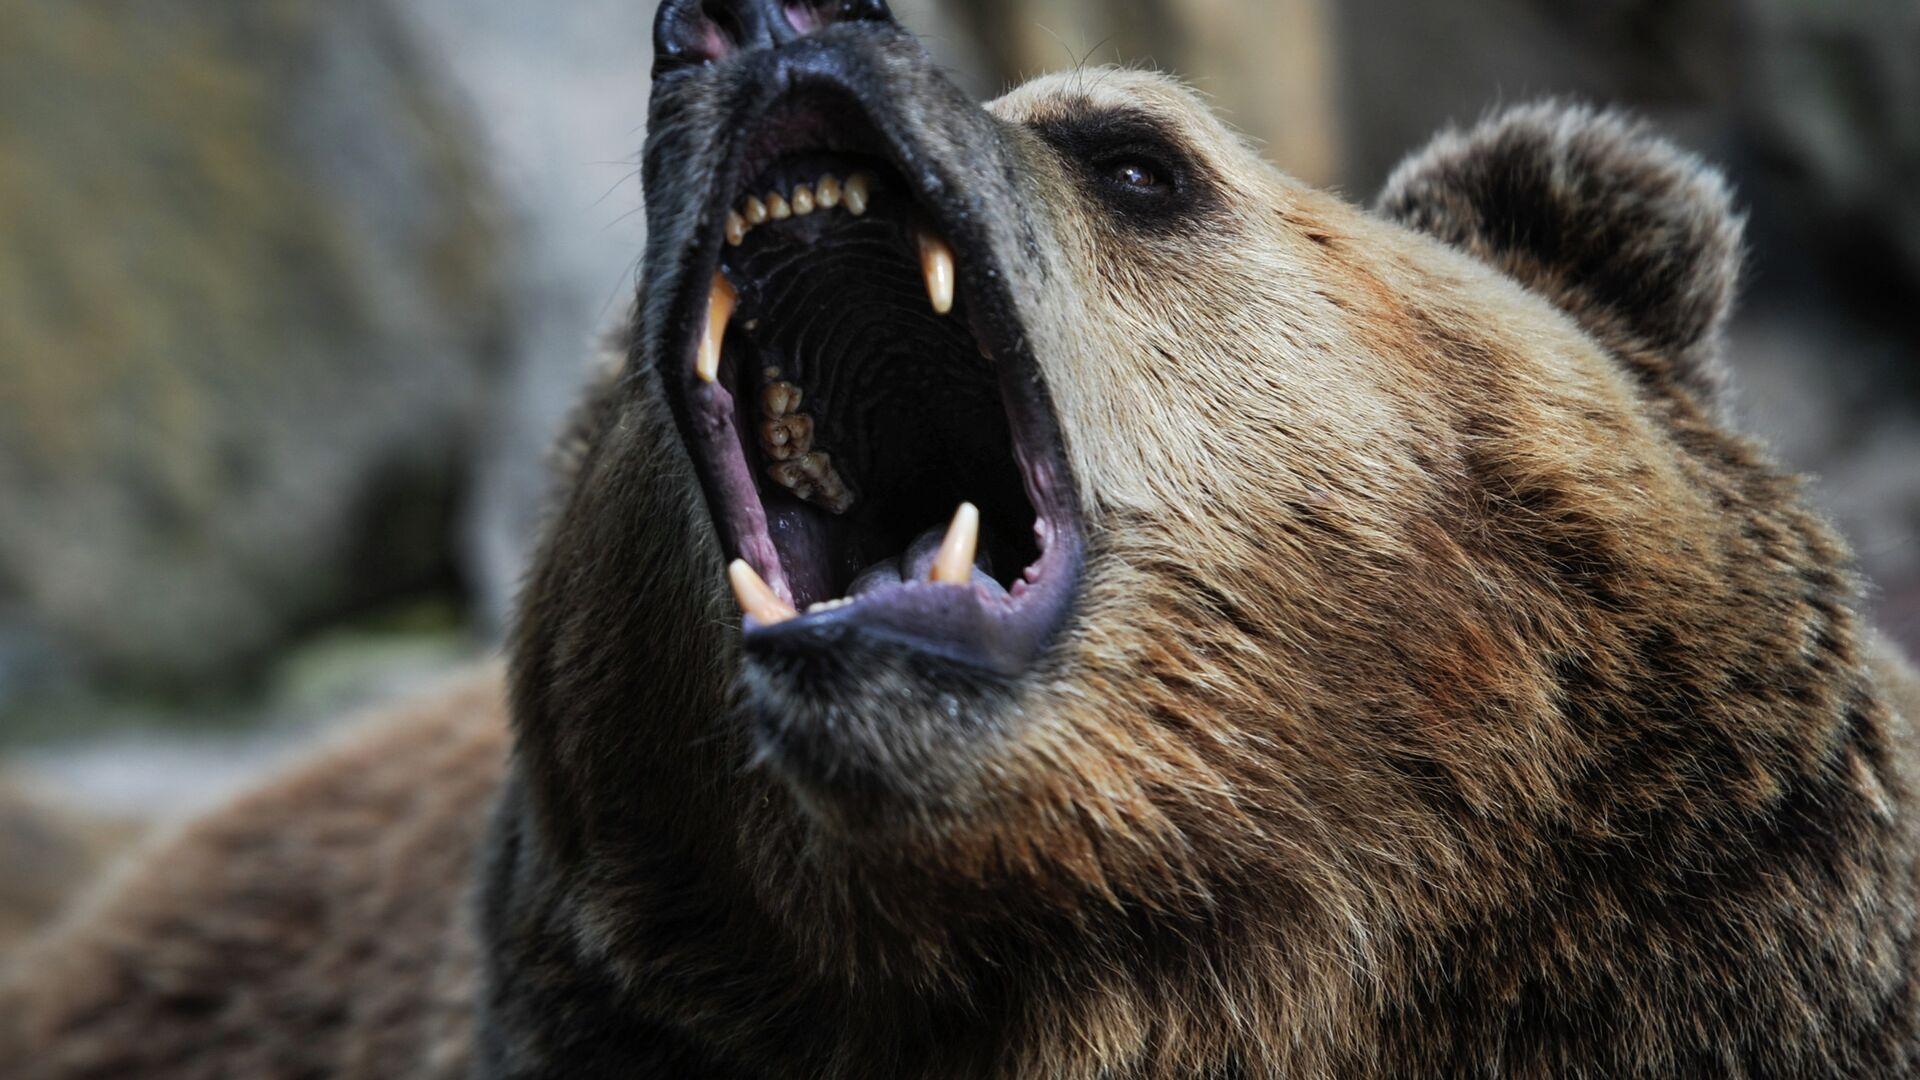 966241962 0:142:2877:1760 1920x0 80 0 0 5bedd9d63f86c8b828ecc299b3caa3fc - В подмосковном цирке медведь напал на дрессировщика и ребенка